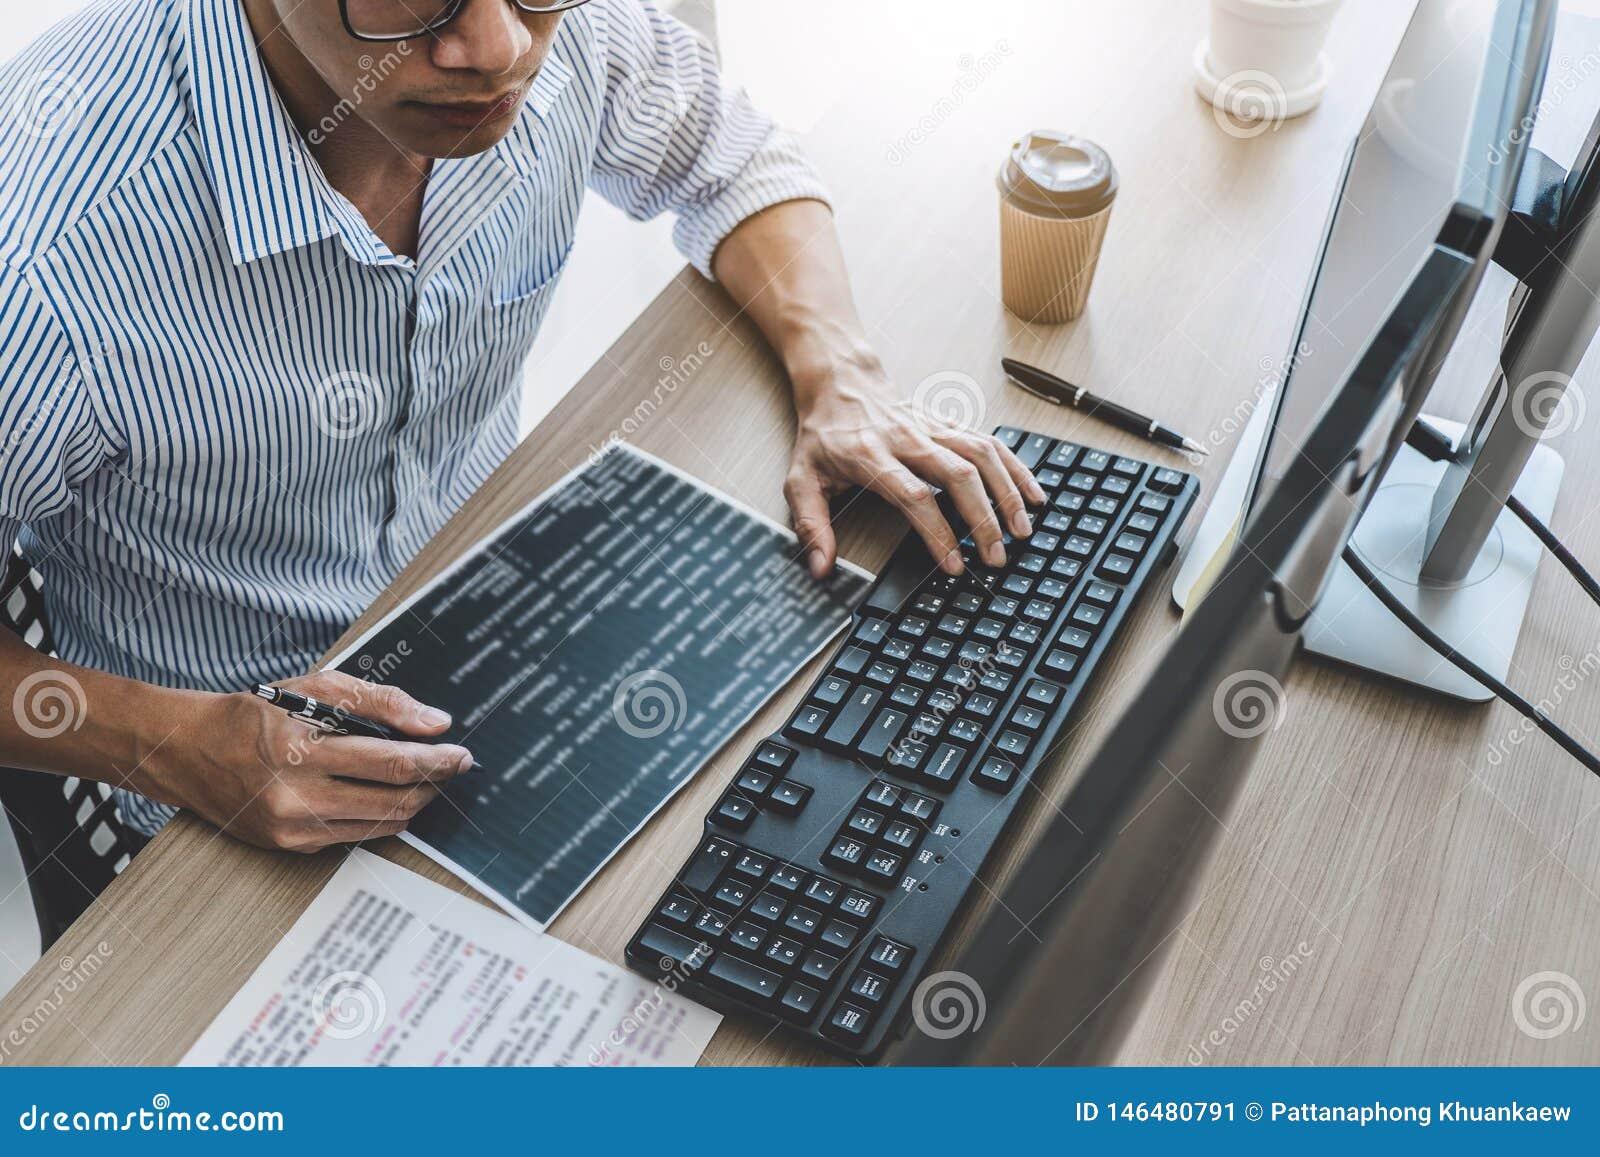 El programador profesional que trabaja en la programaci?n que se convierte y la p?gina web que trabaja en un software desarrollan